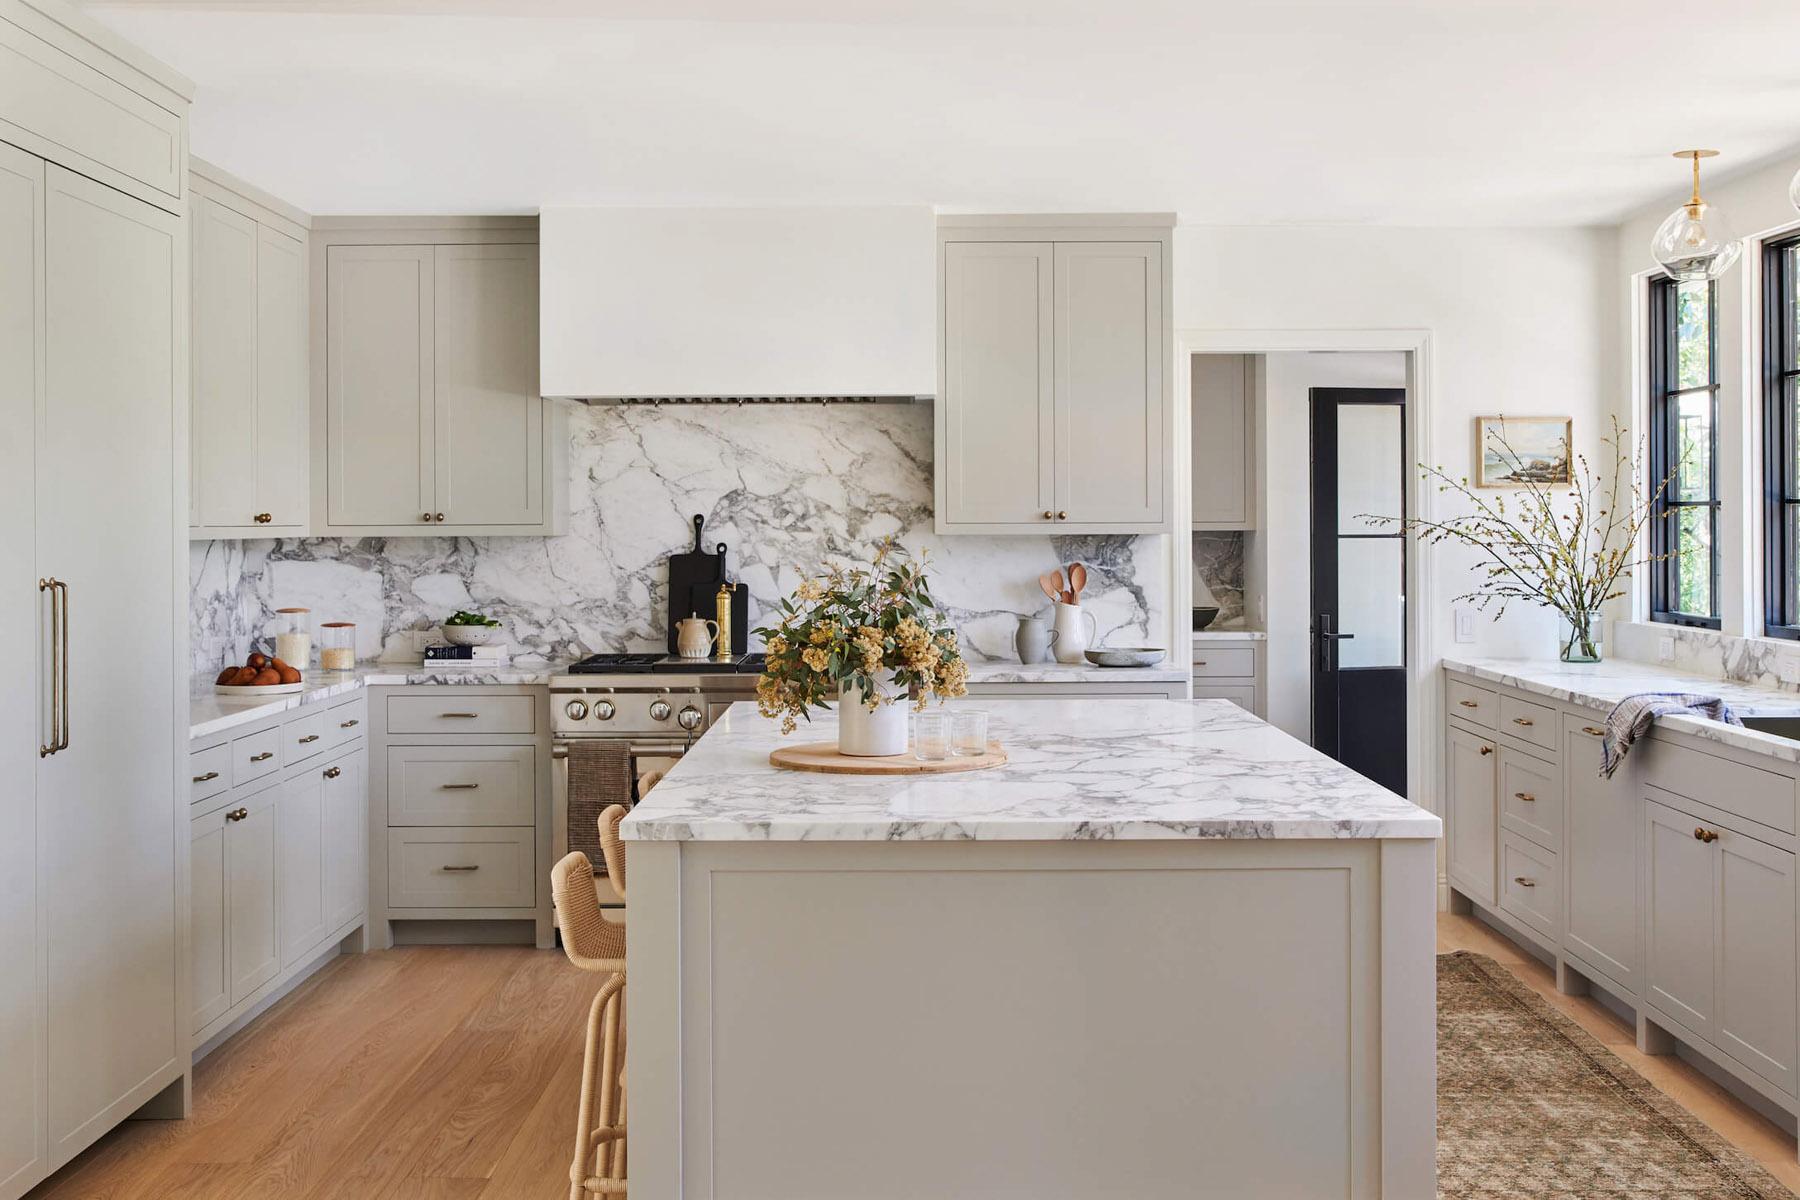 Светло серый цвет стен на кухне и светлые фасады